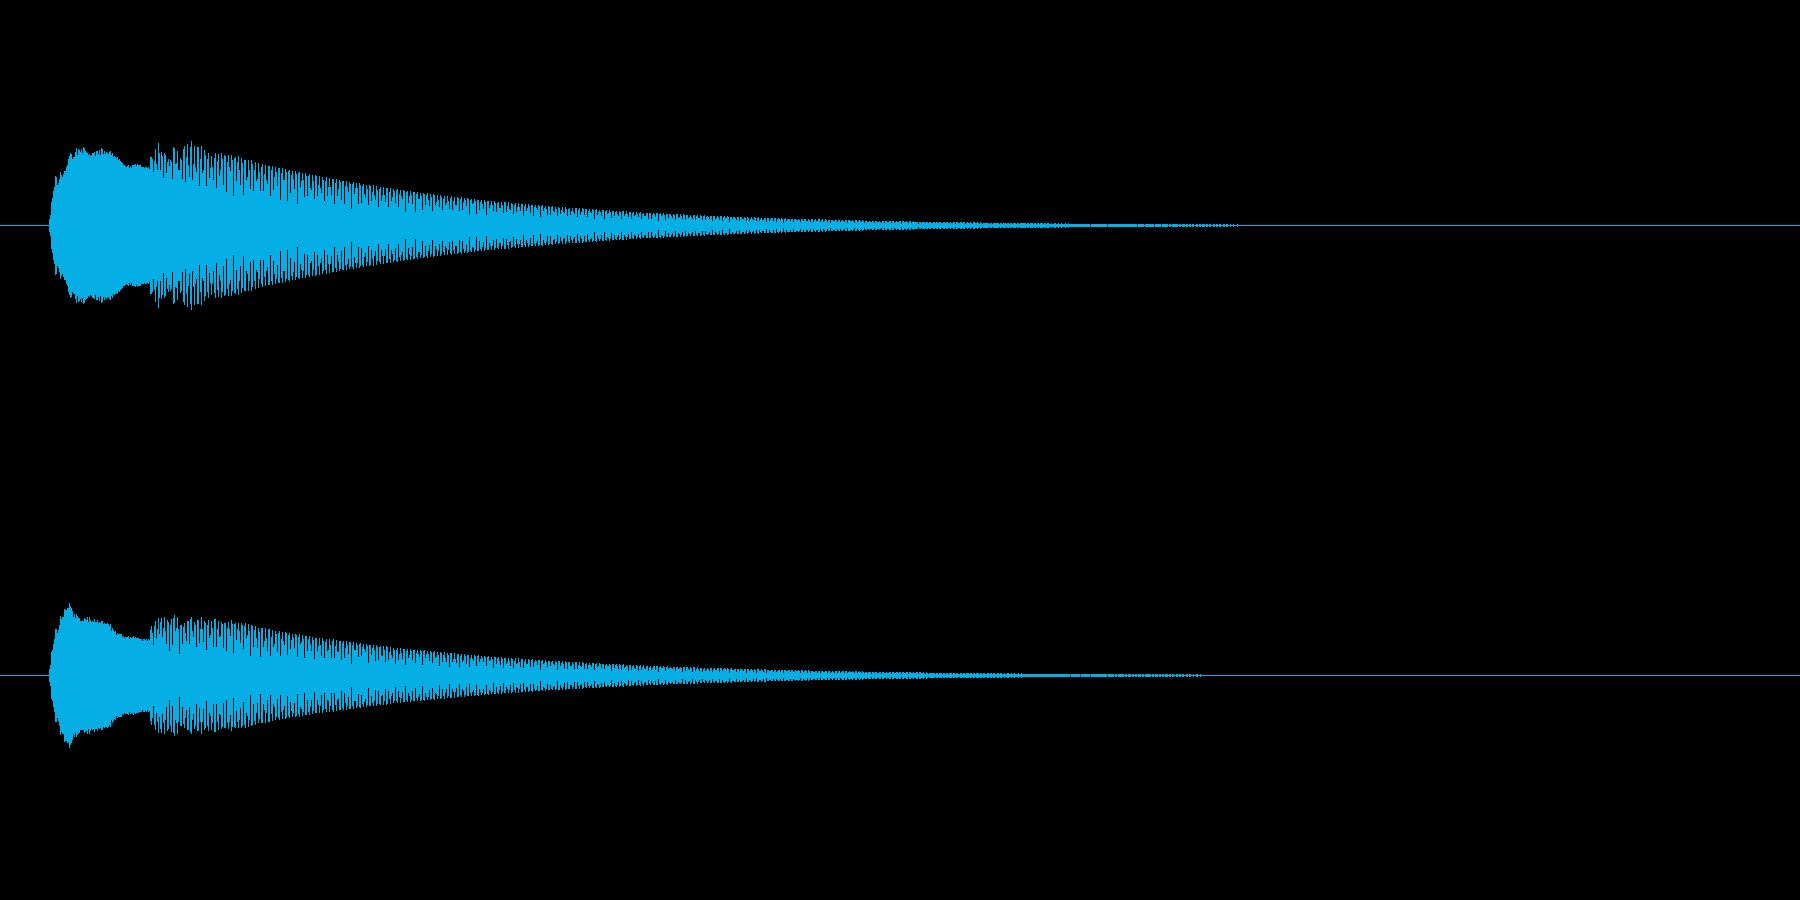 【ドアベル ピンポン02-4】の再生済みの波形